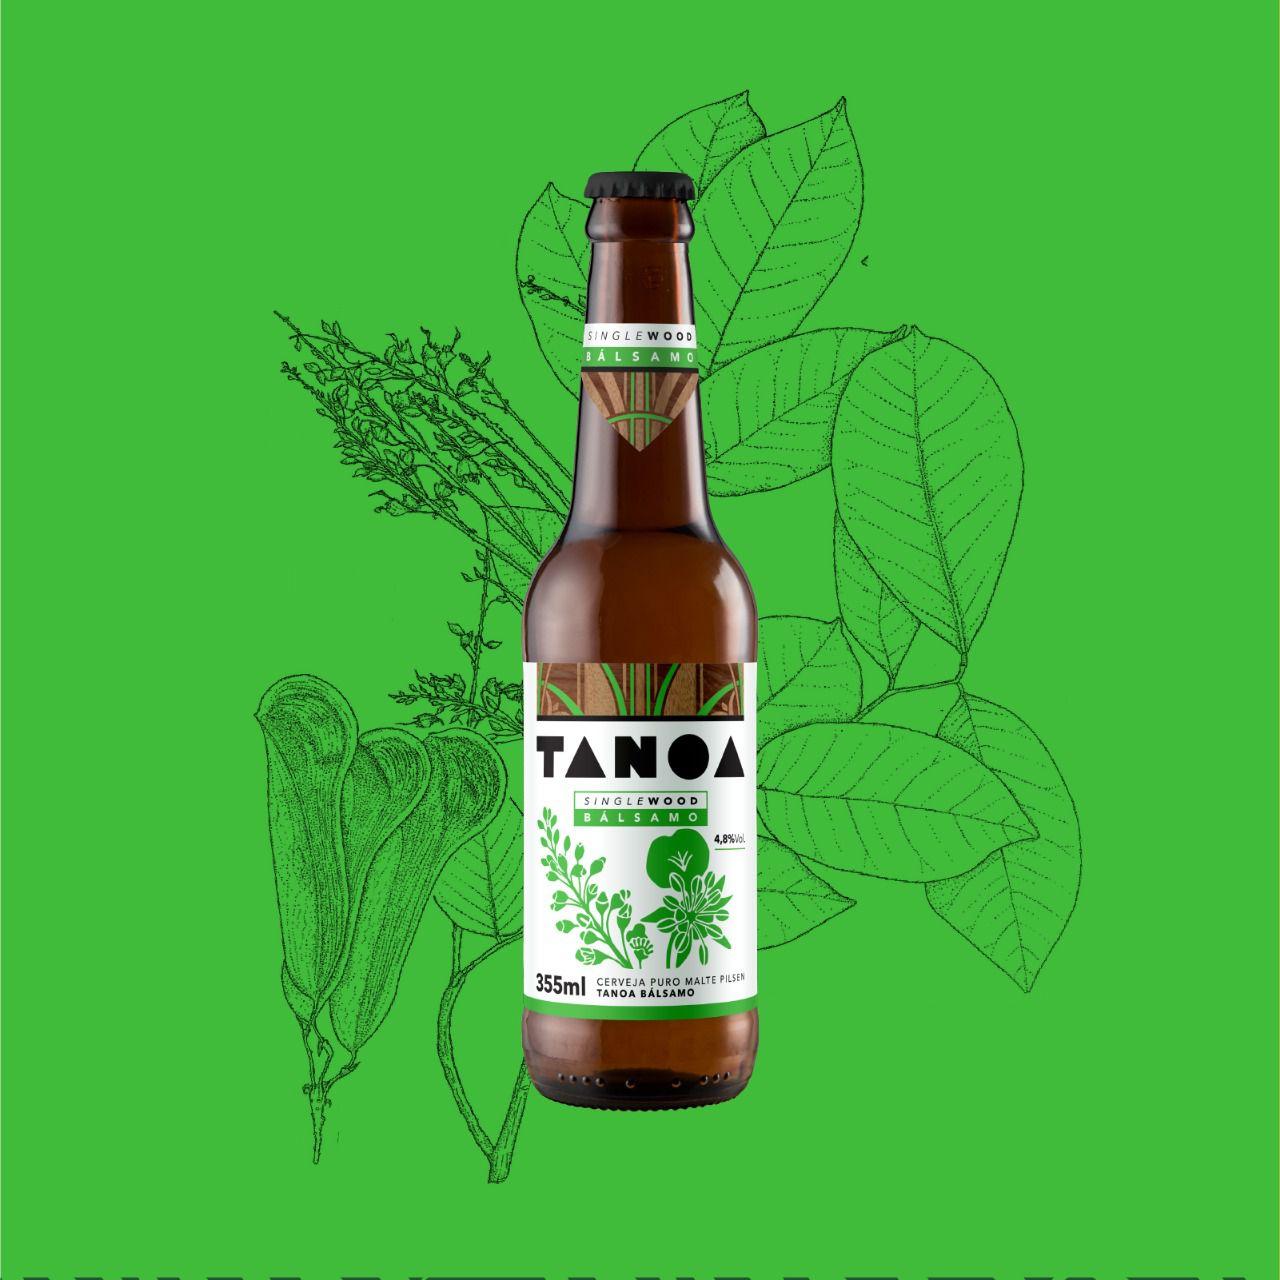 TANOA PILSEN - SIngle Wood: Bálsamo (6 unidades) 355 ml